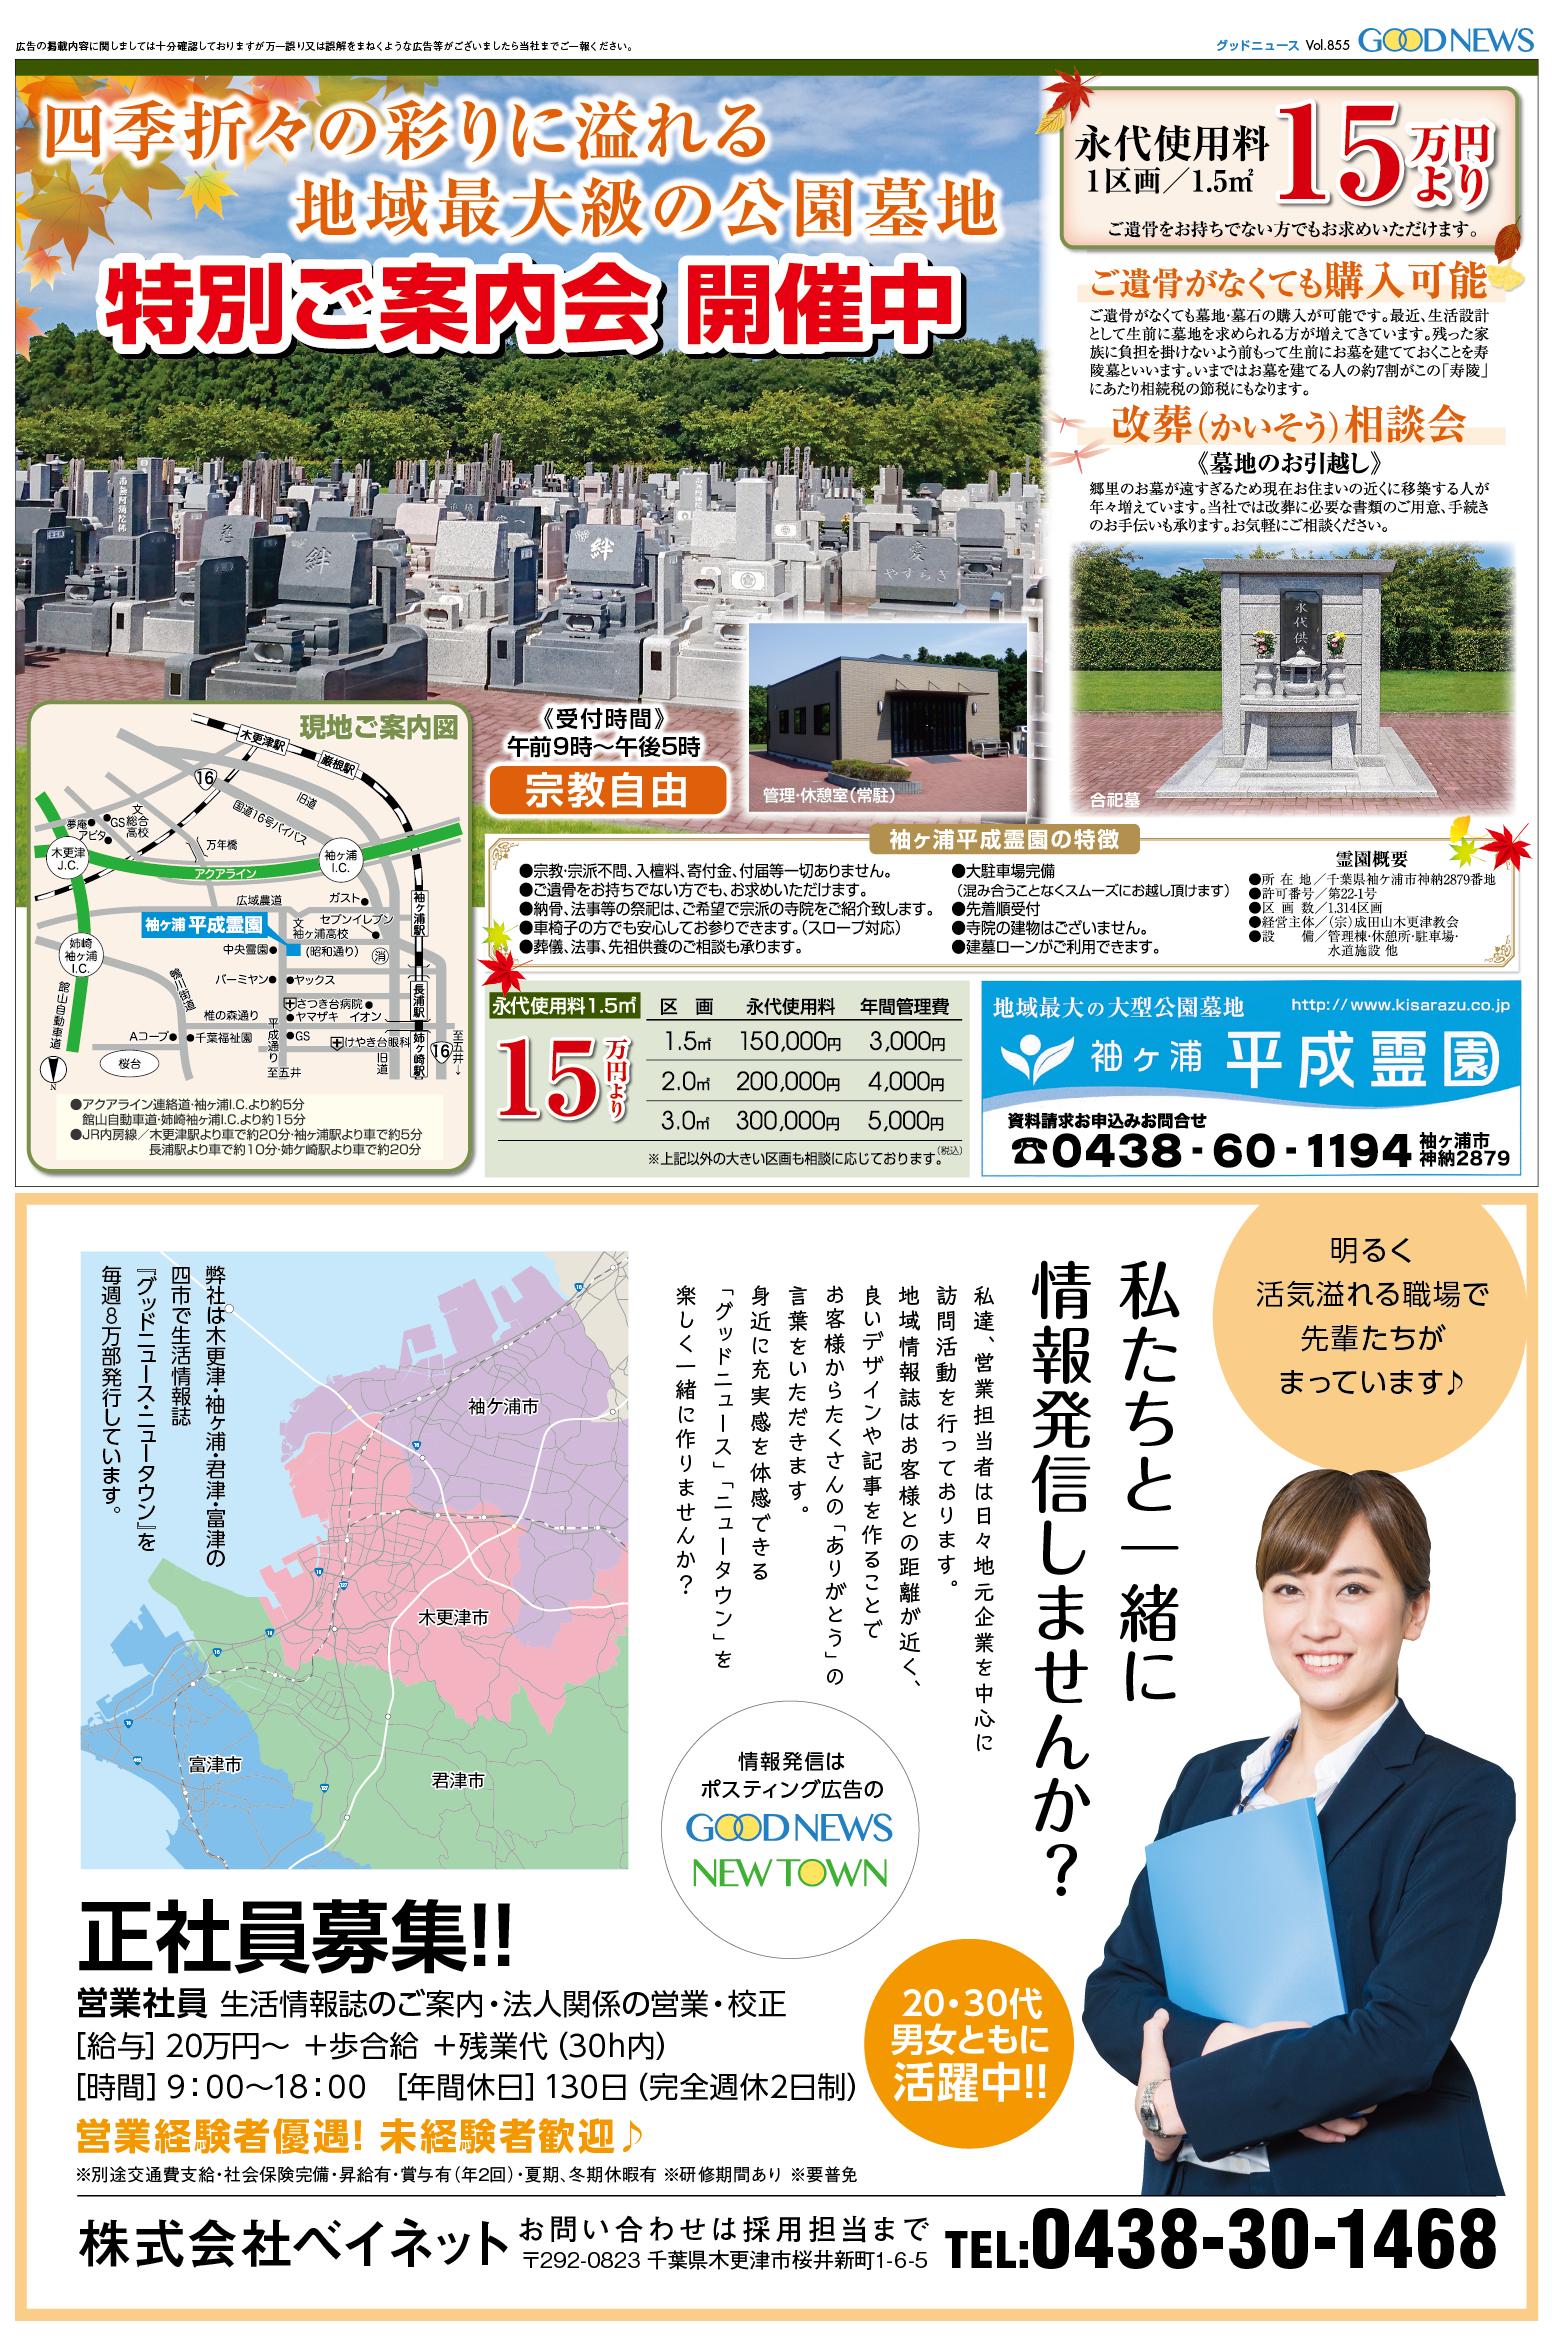 平成霊園 株式会社ベイネット